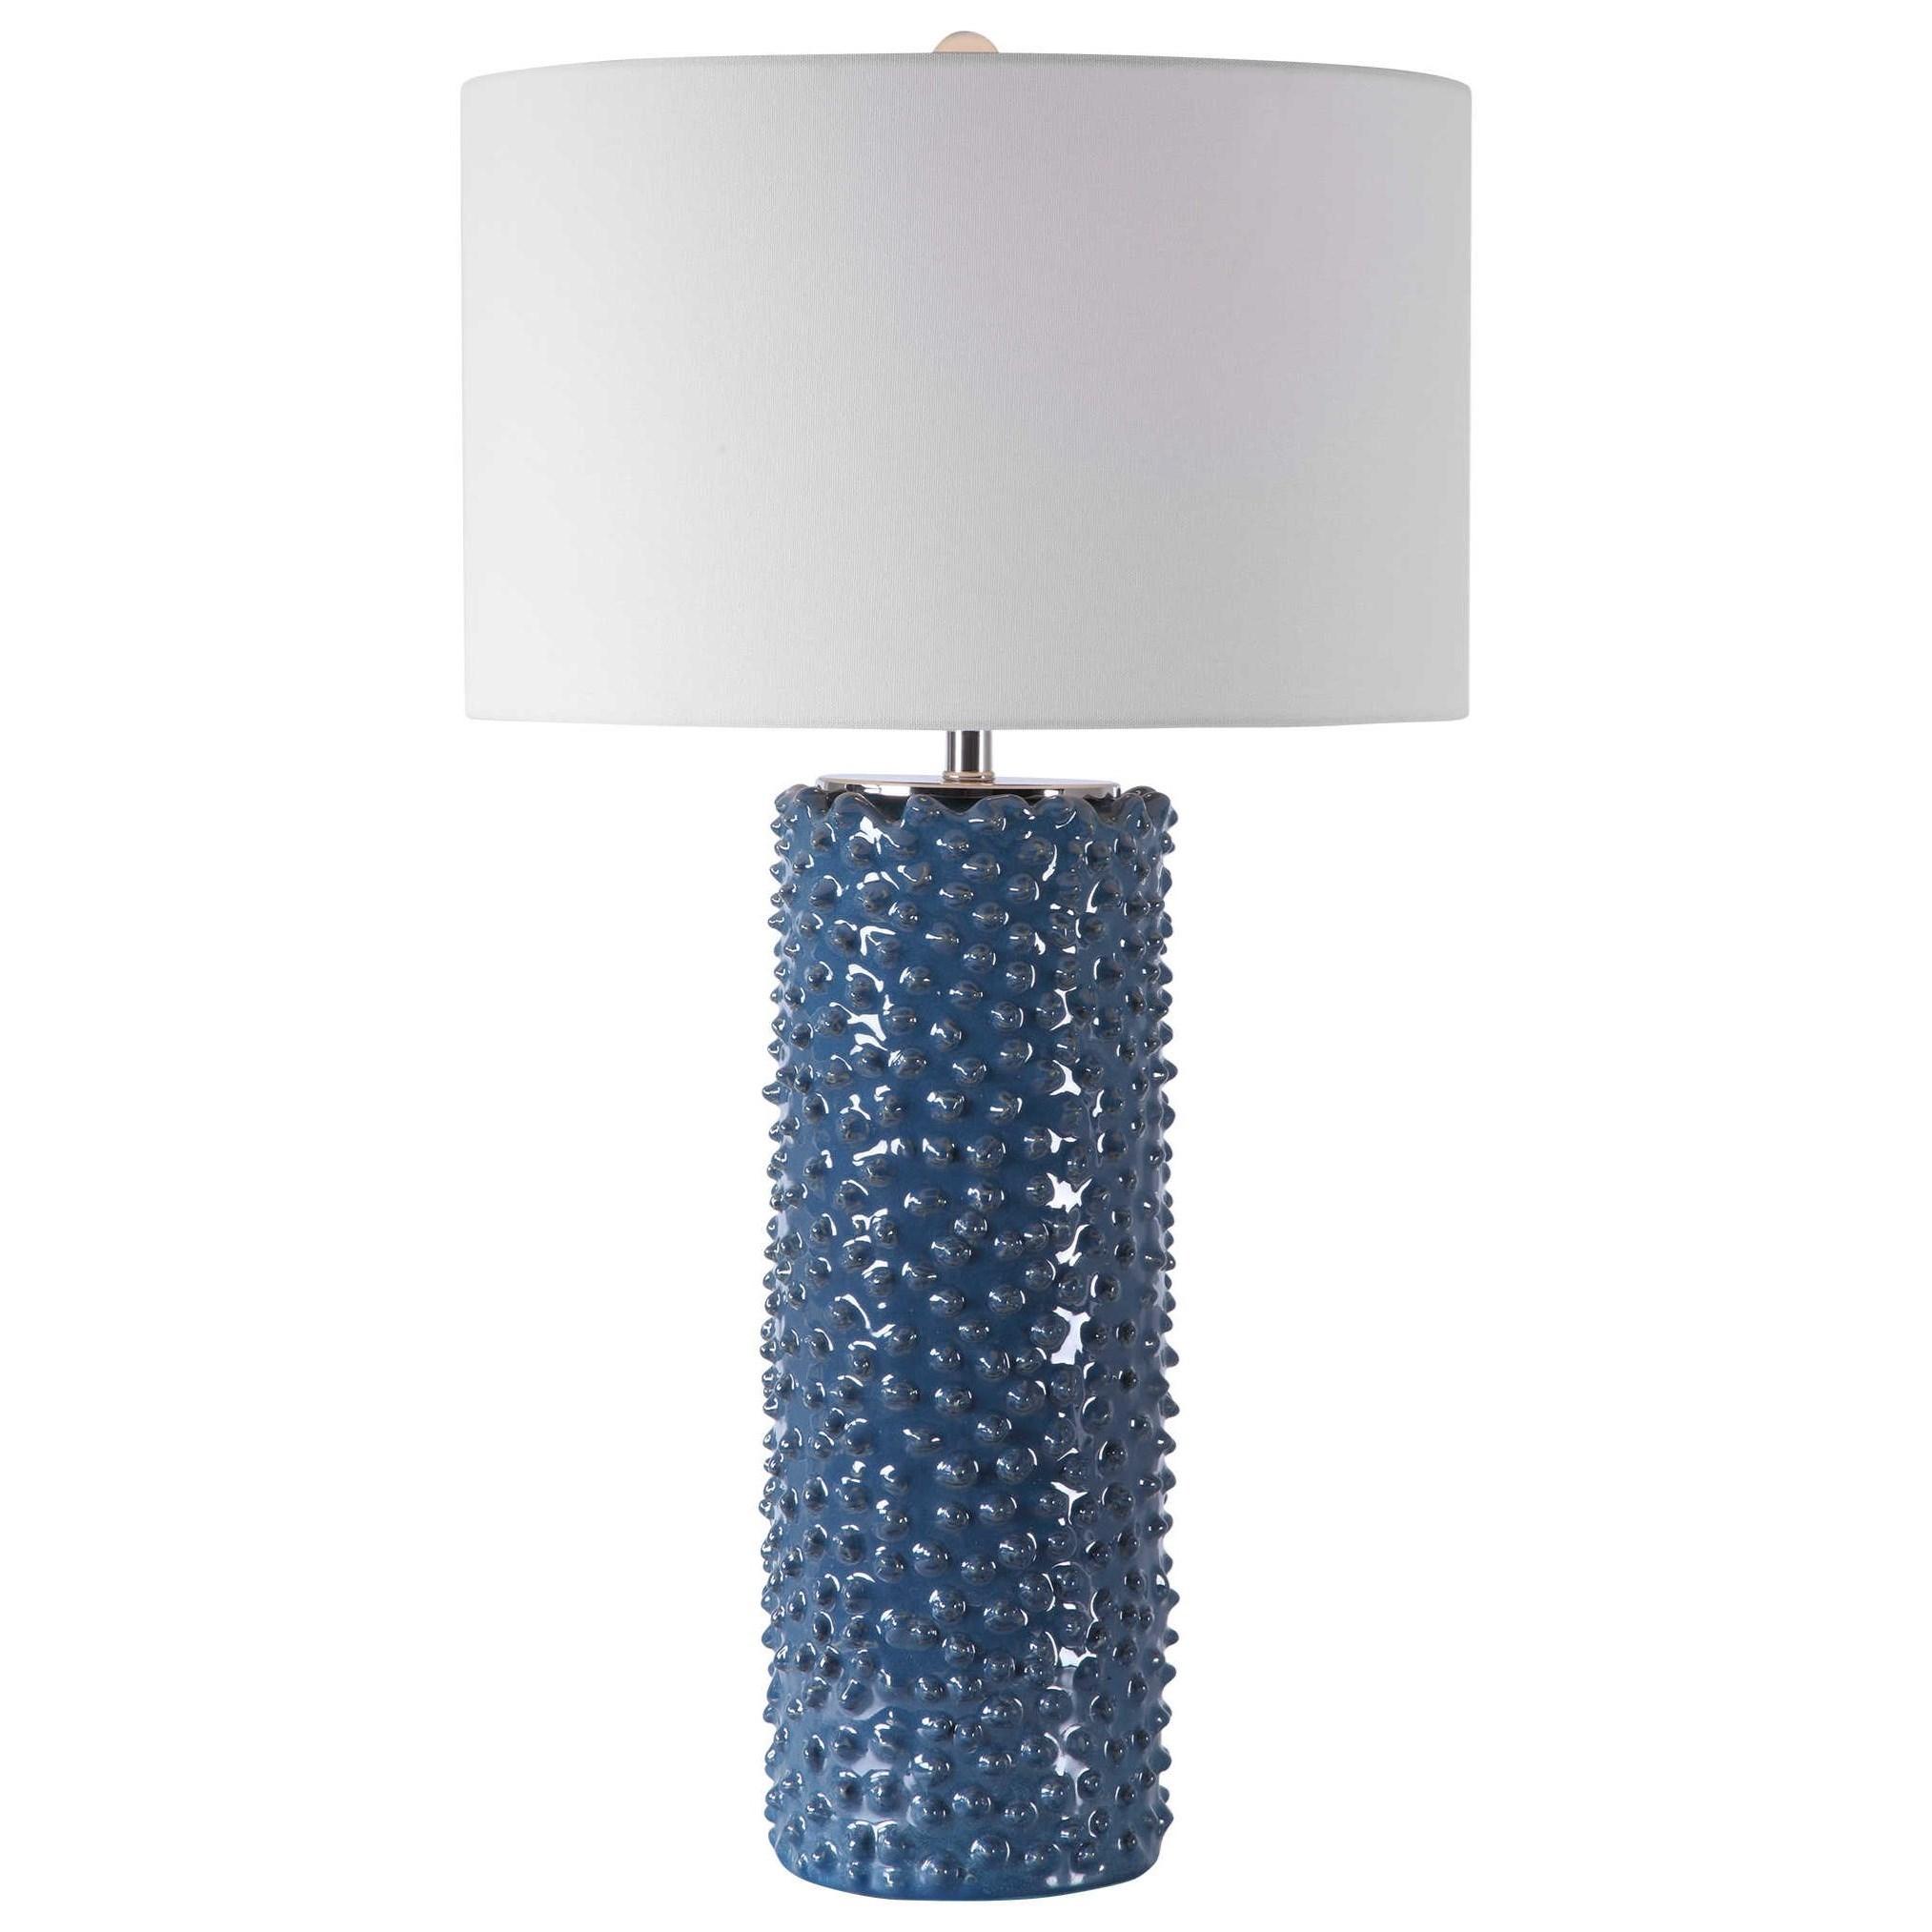 Ciji Blue Table Lamp